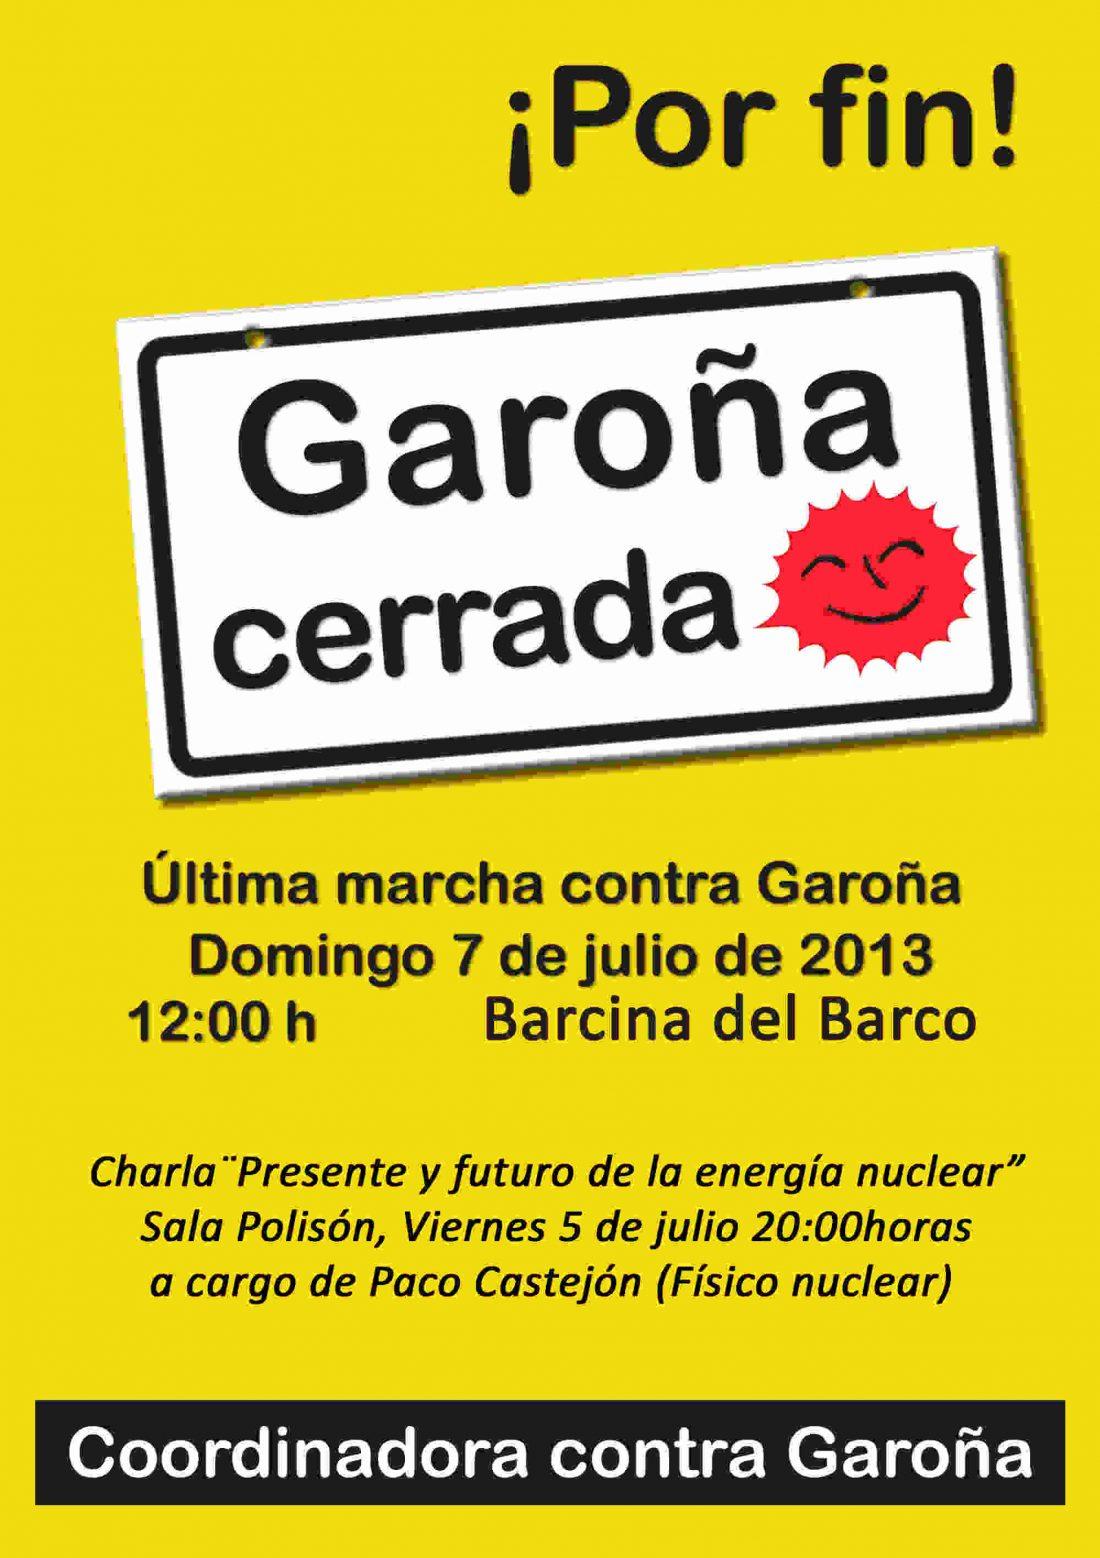 Última marcha a Garoña, 7 de julio del 2013